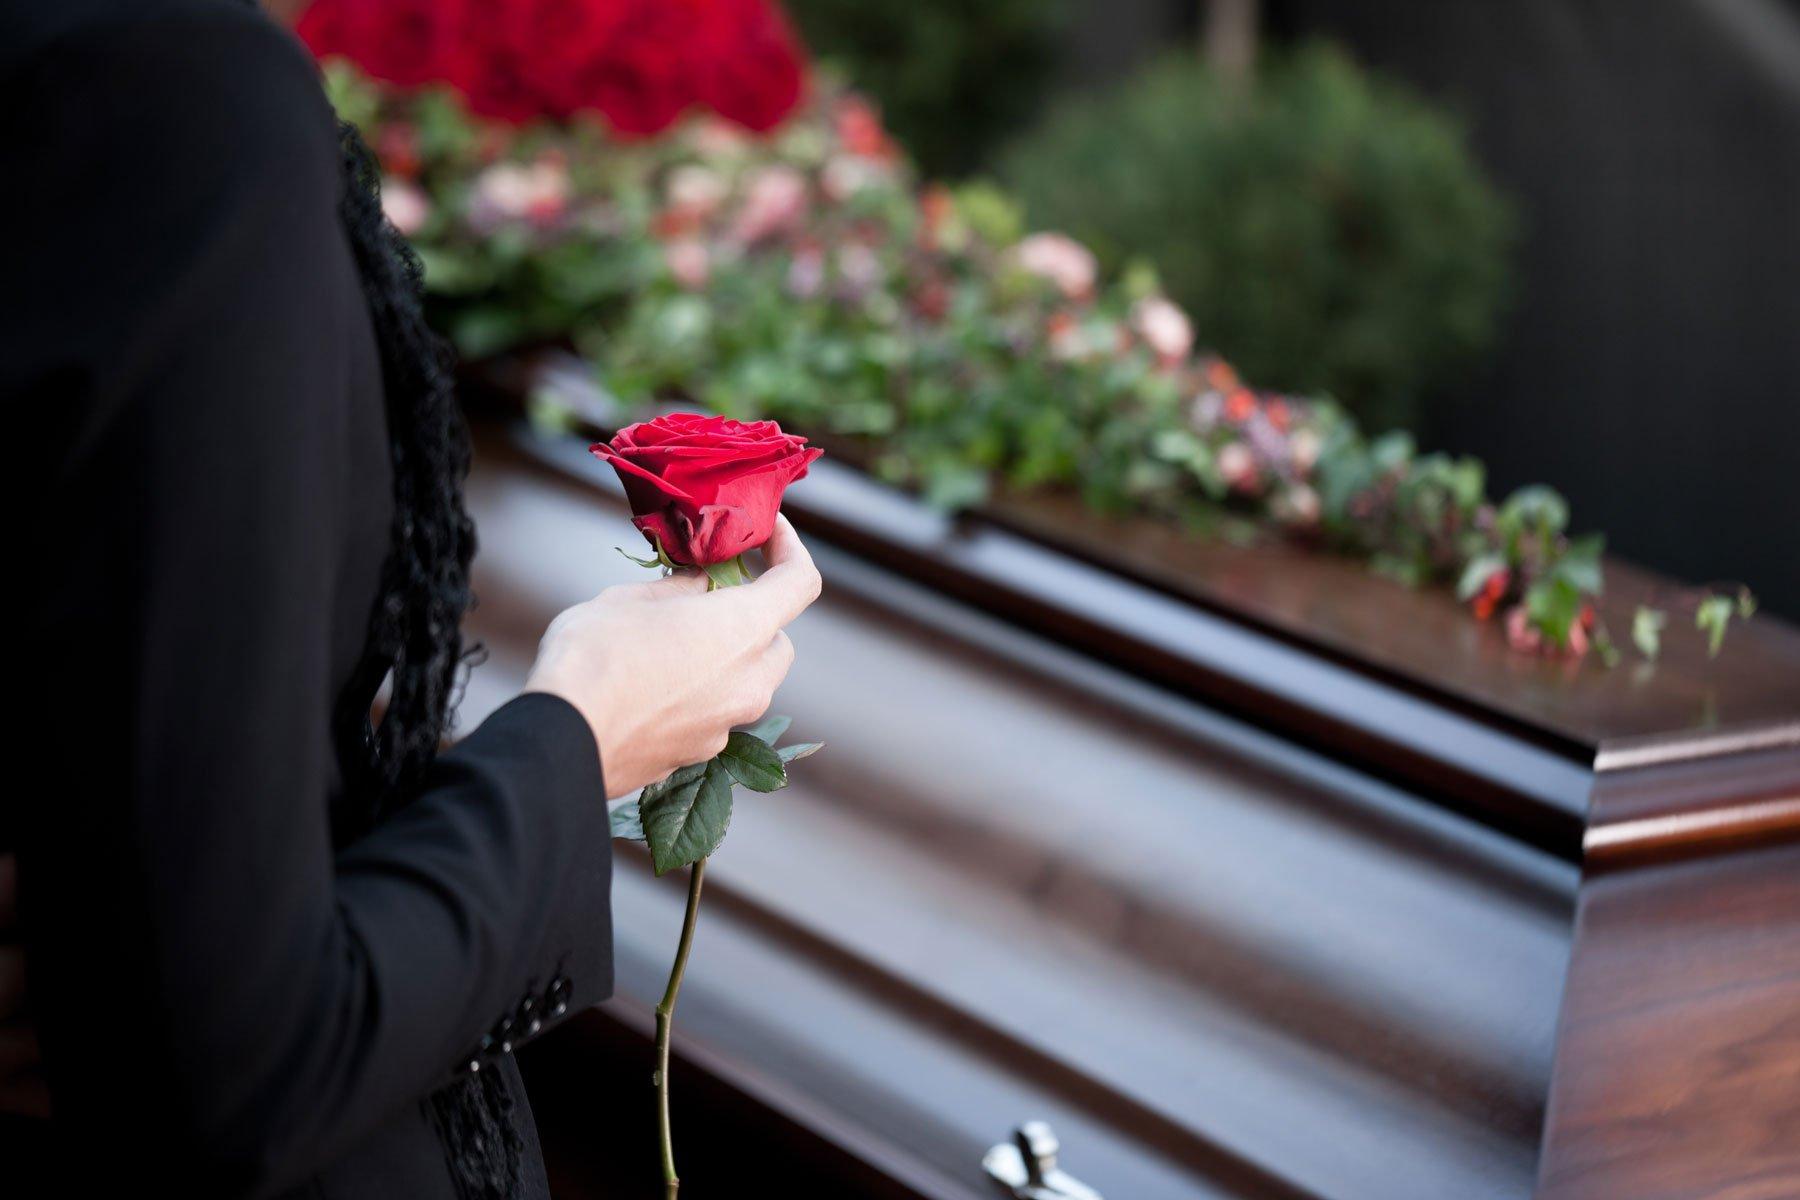 una donna con in mano una rosa rossa davanti a una bara in legno con sopra dei fiori